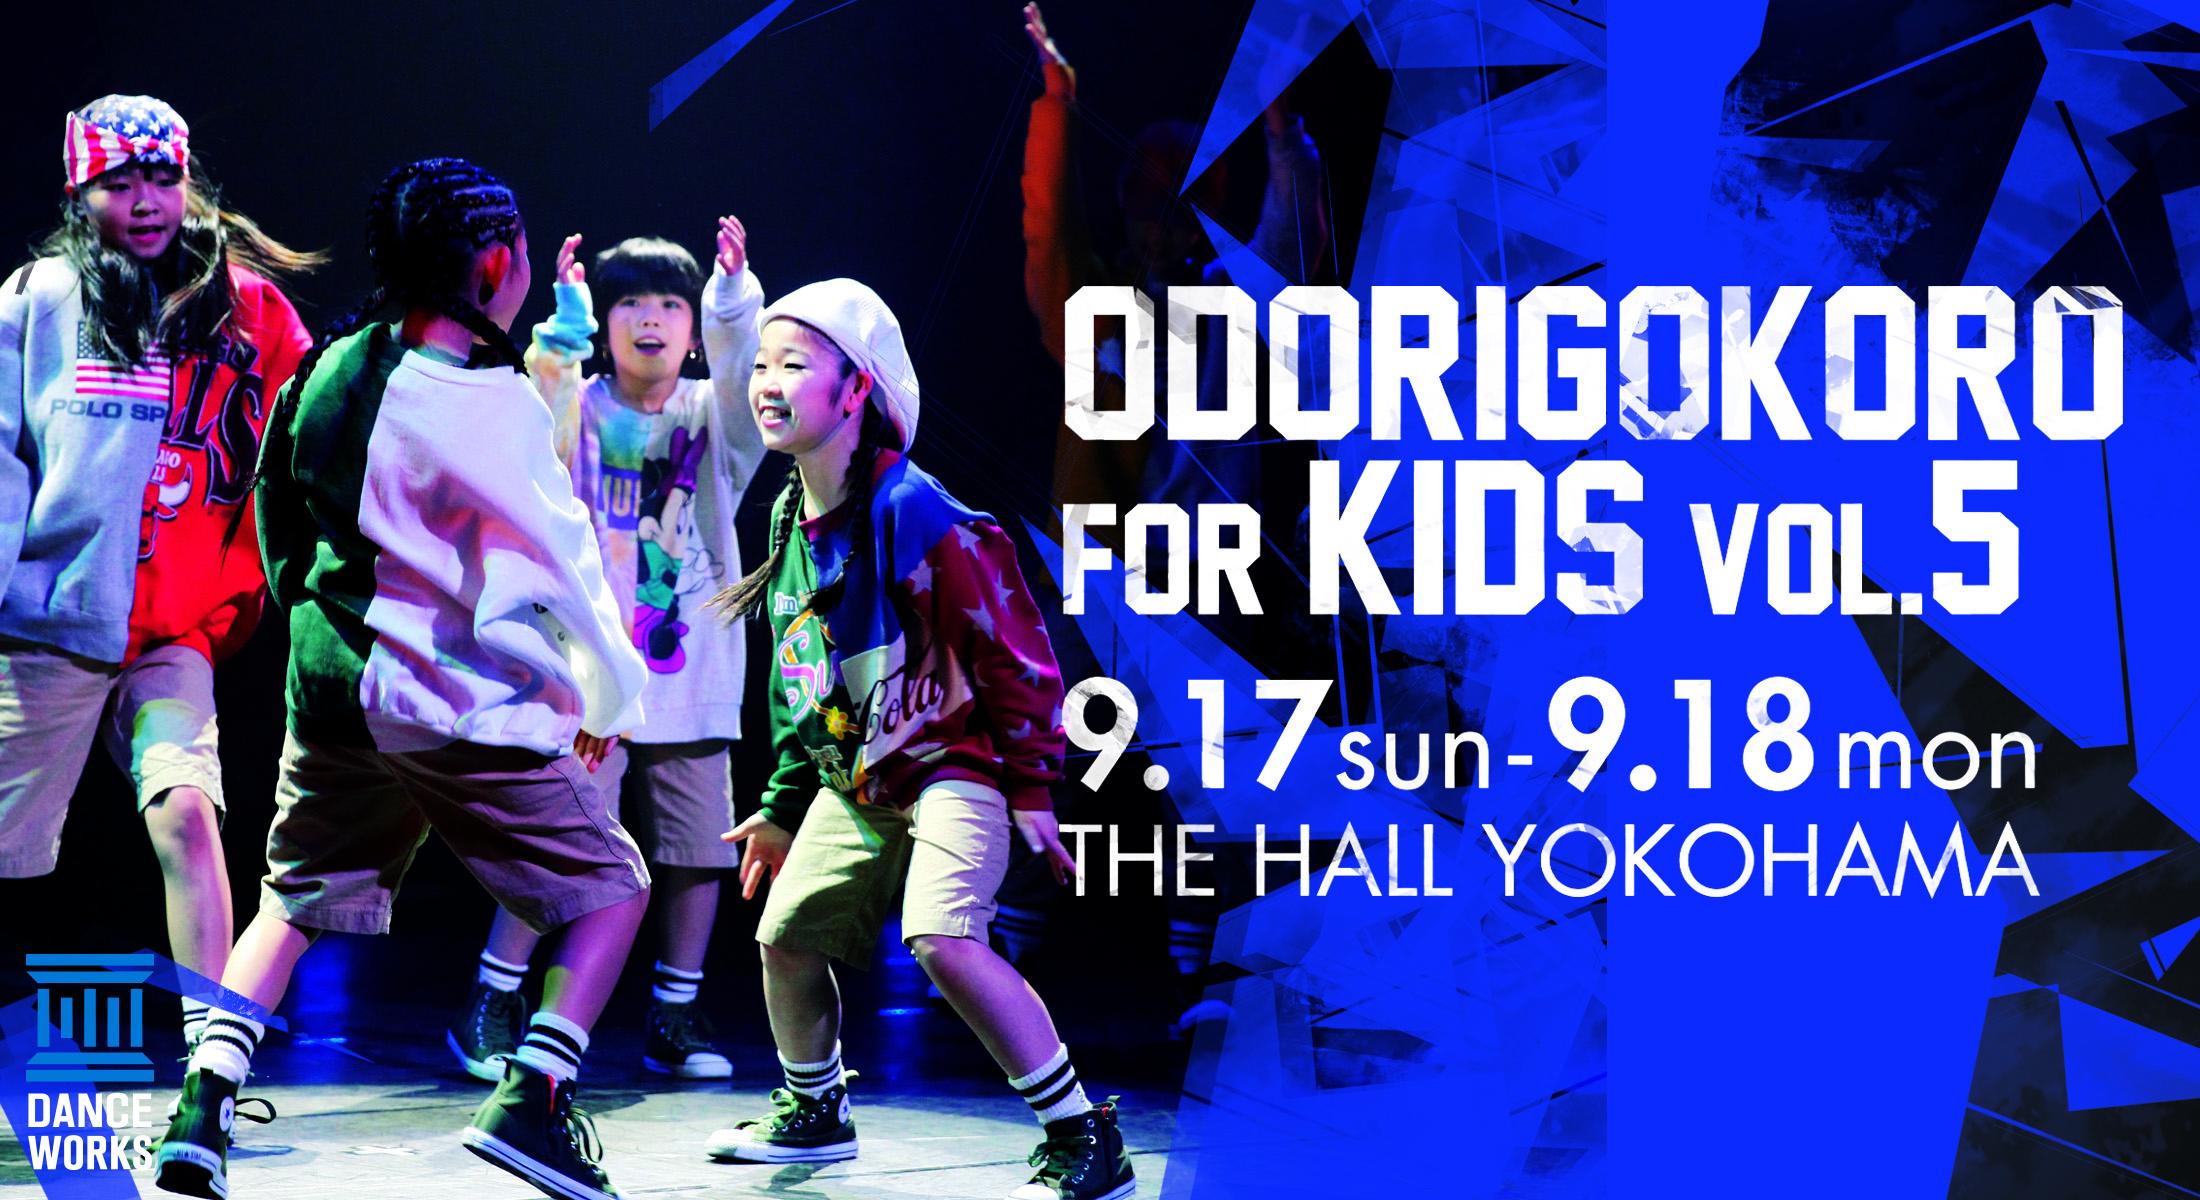 ダンスワークスキッズイベント【ODORIGOKORO for KIDS vol.5】